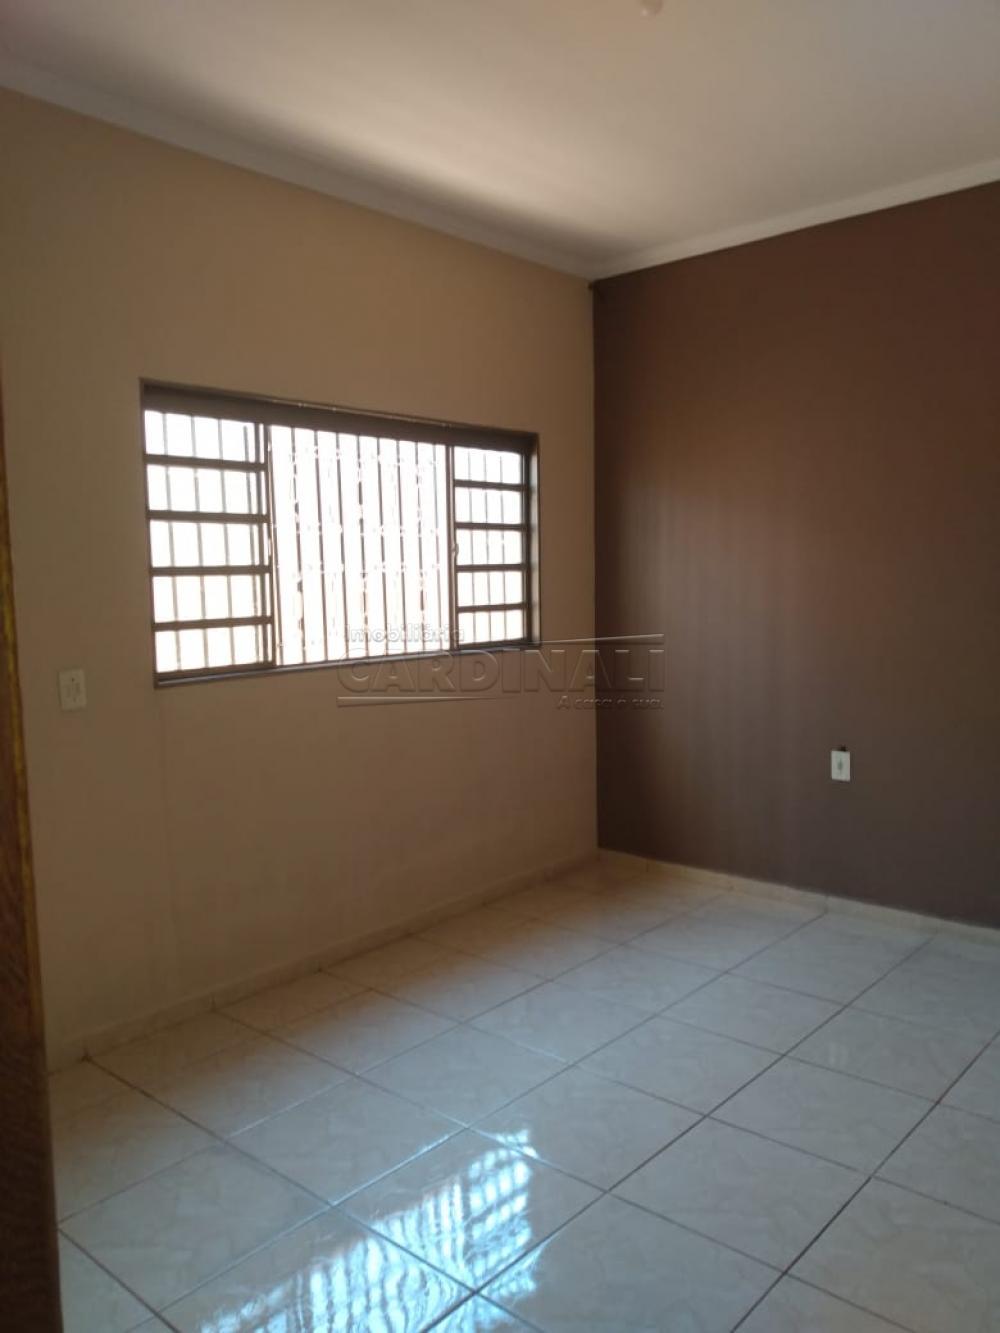 Comprar Casa / Padrão em São Carlos R$ 155.000,00 - Foto 19